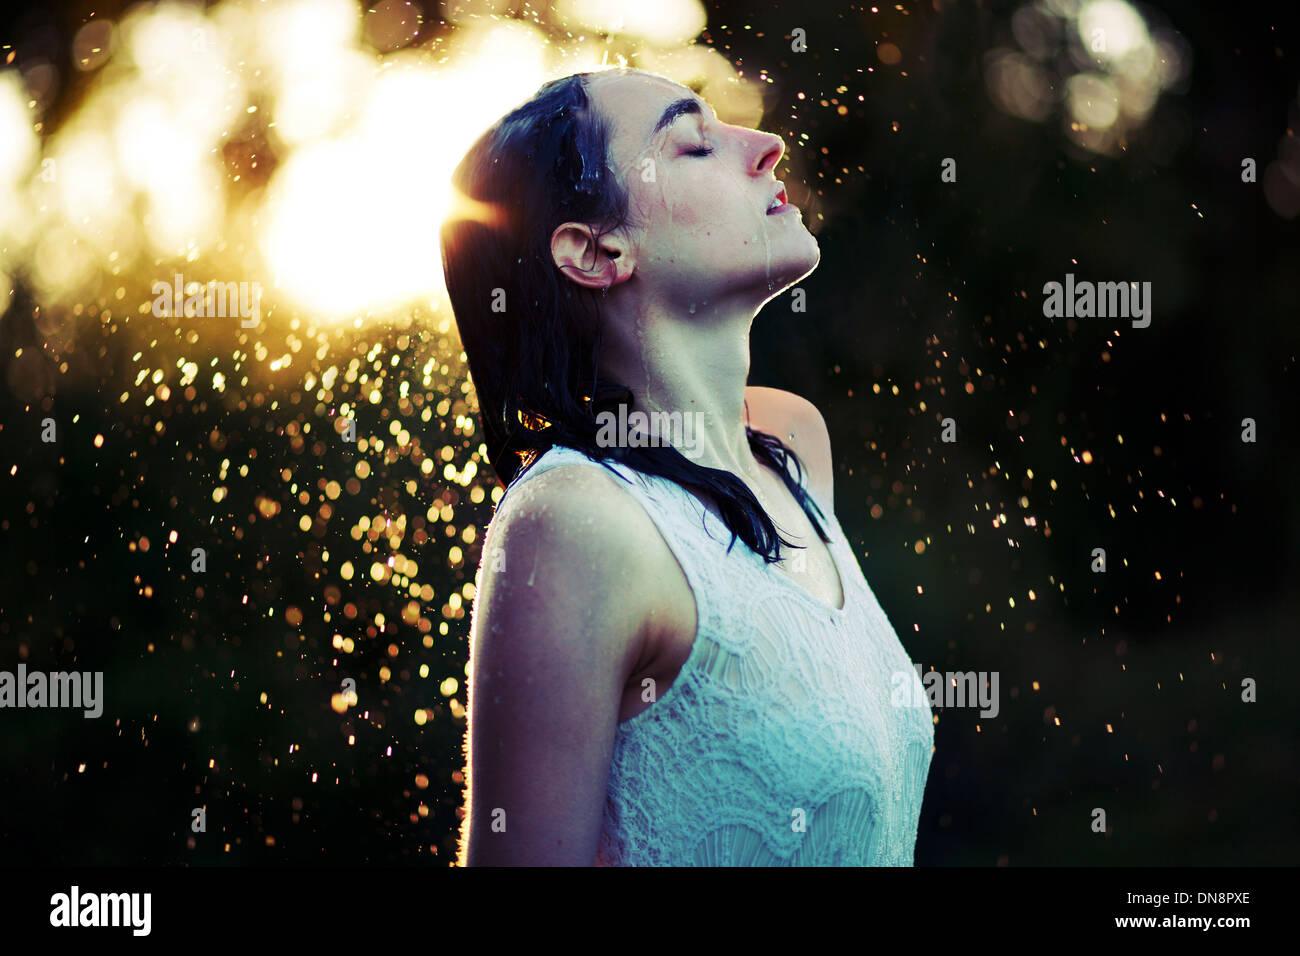 Mujer joven refrescante a sí misma en la lluvia Imagen De Stock